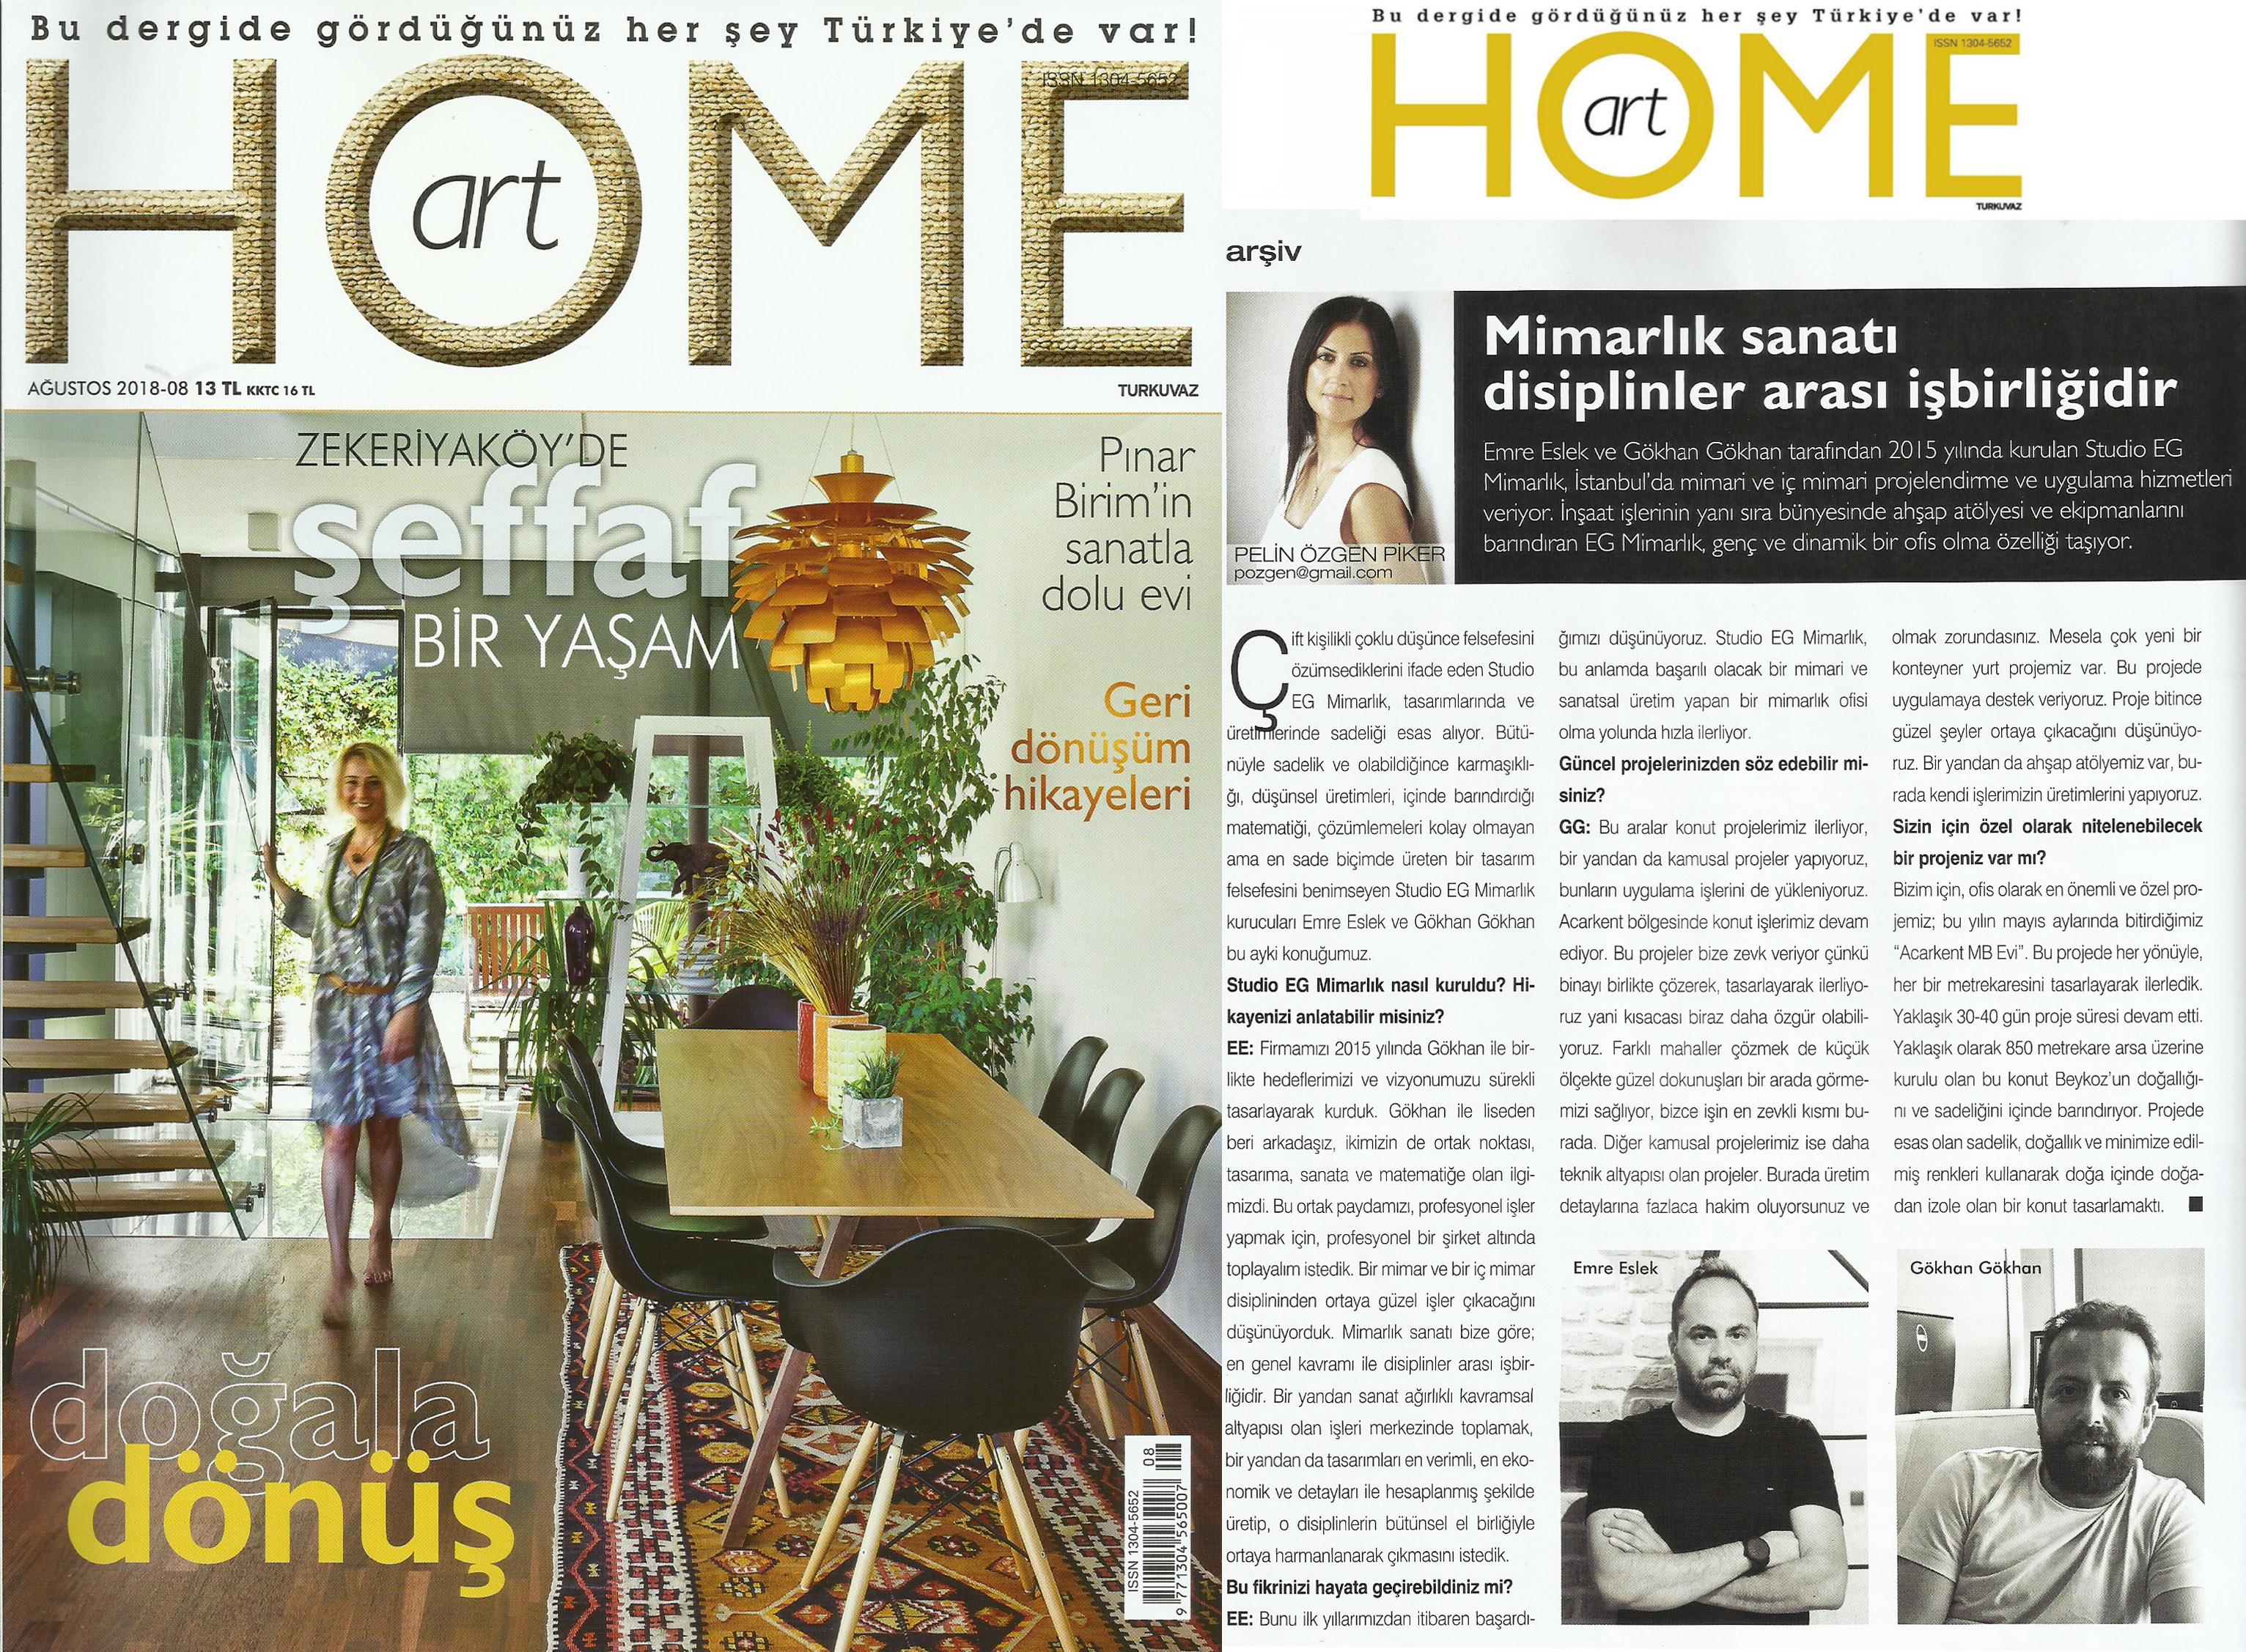 homeart